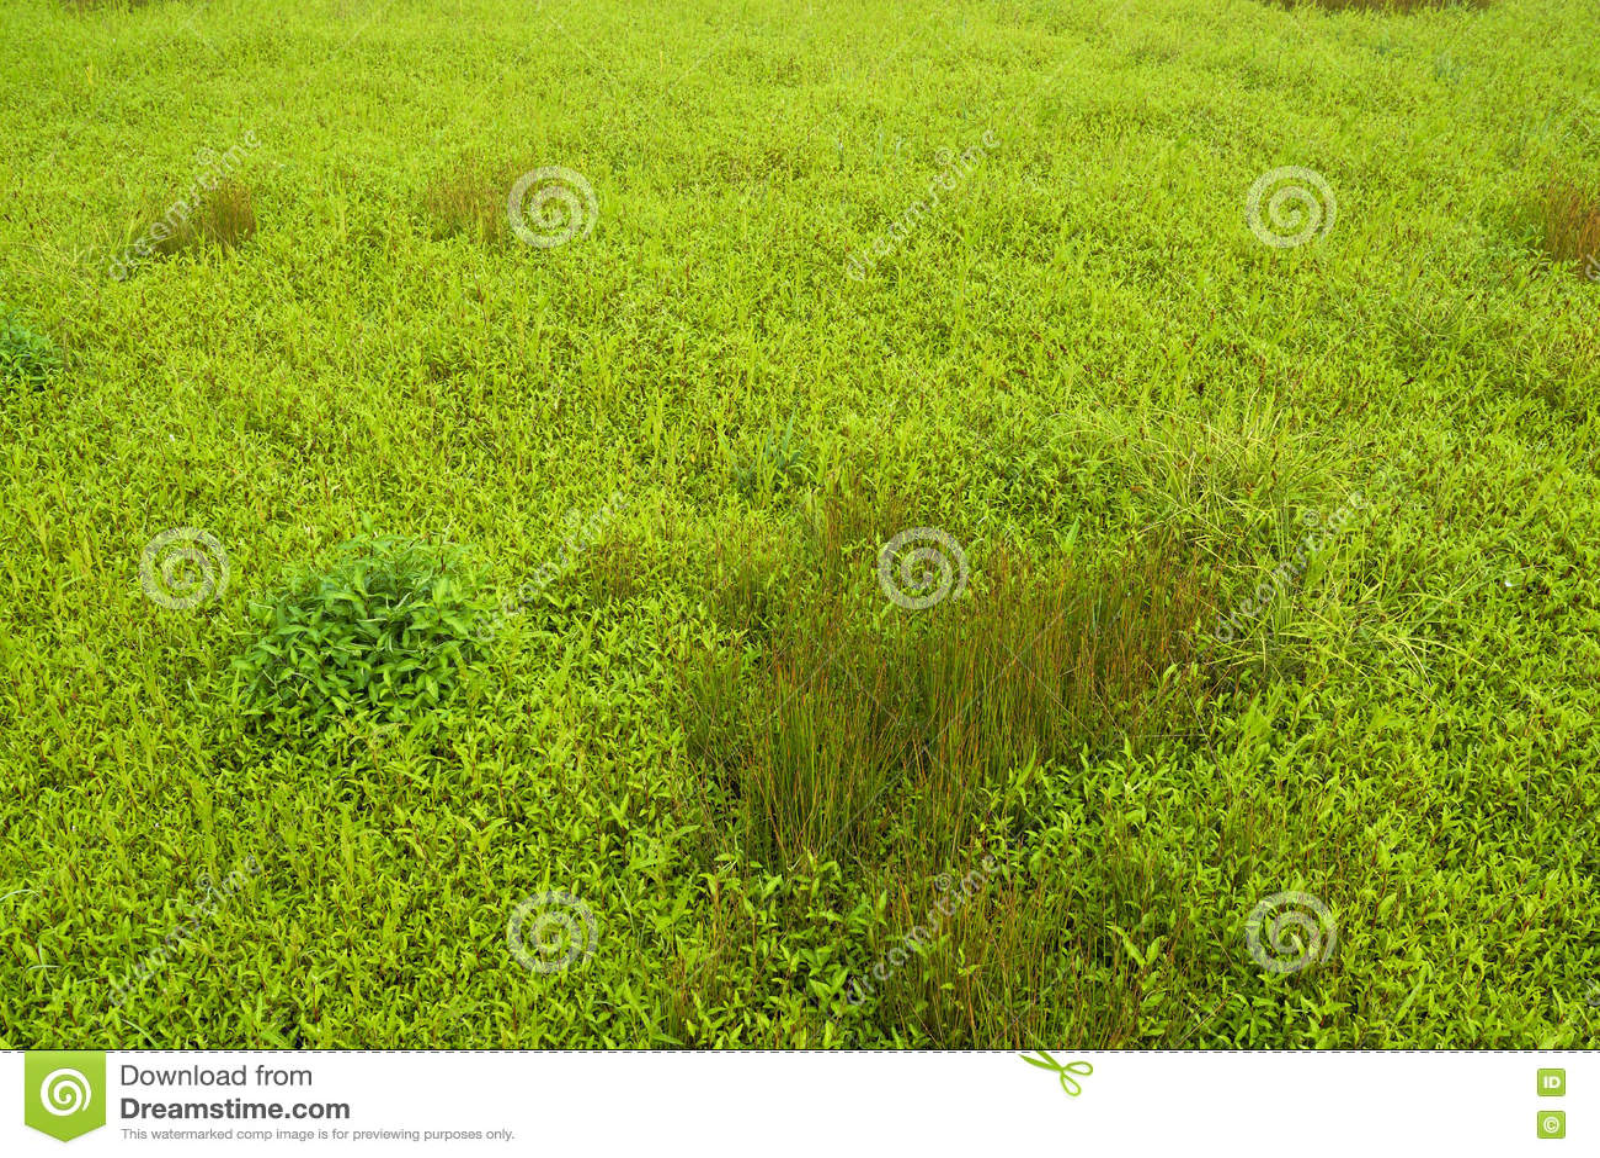 Grünes Gras und wild wachsende Pflanzen auf dem Gebiet